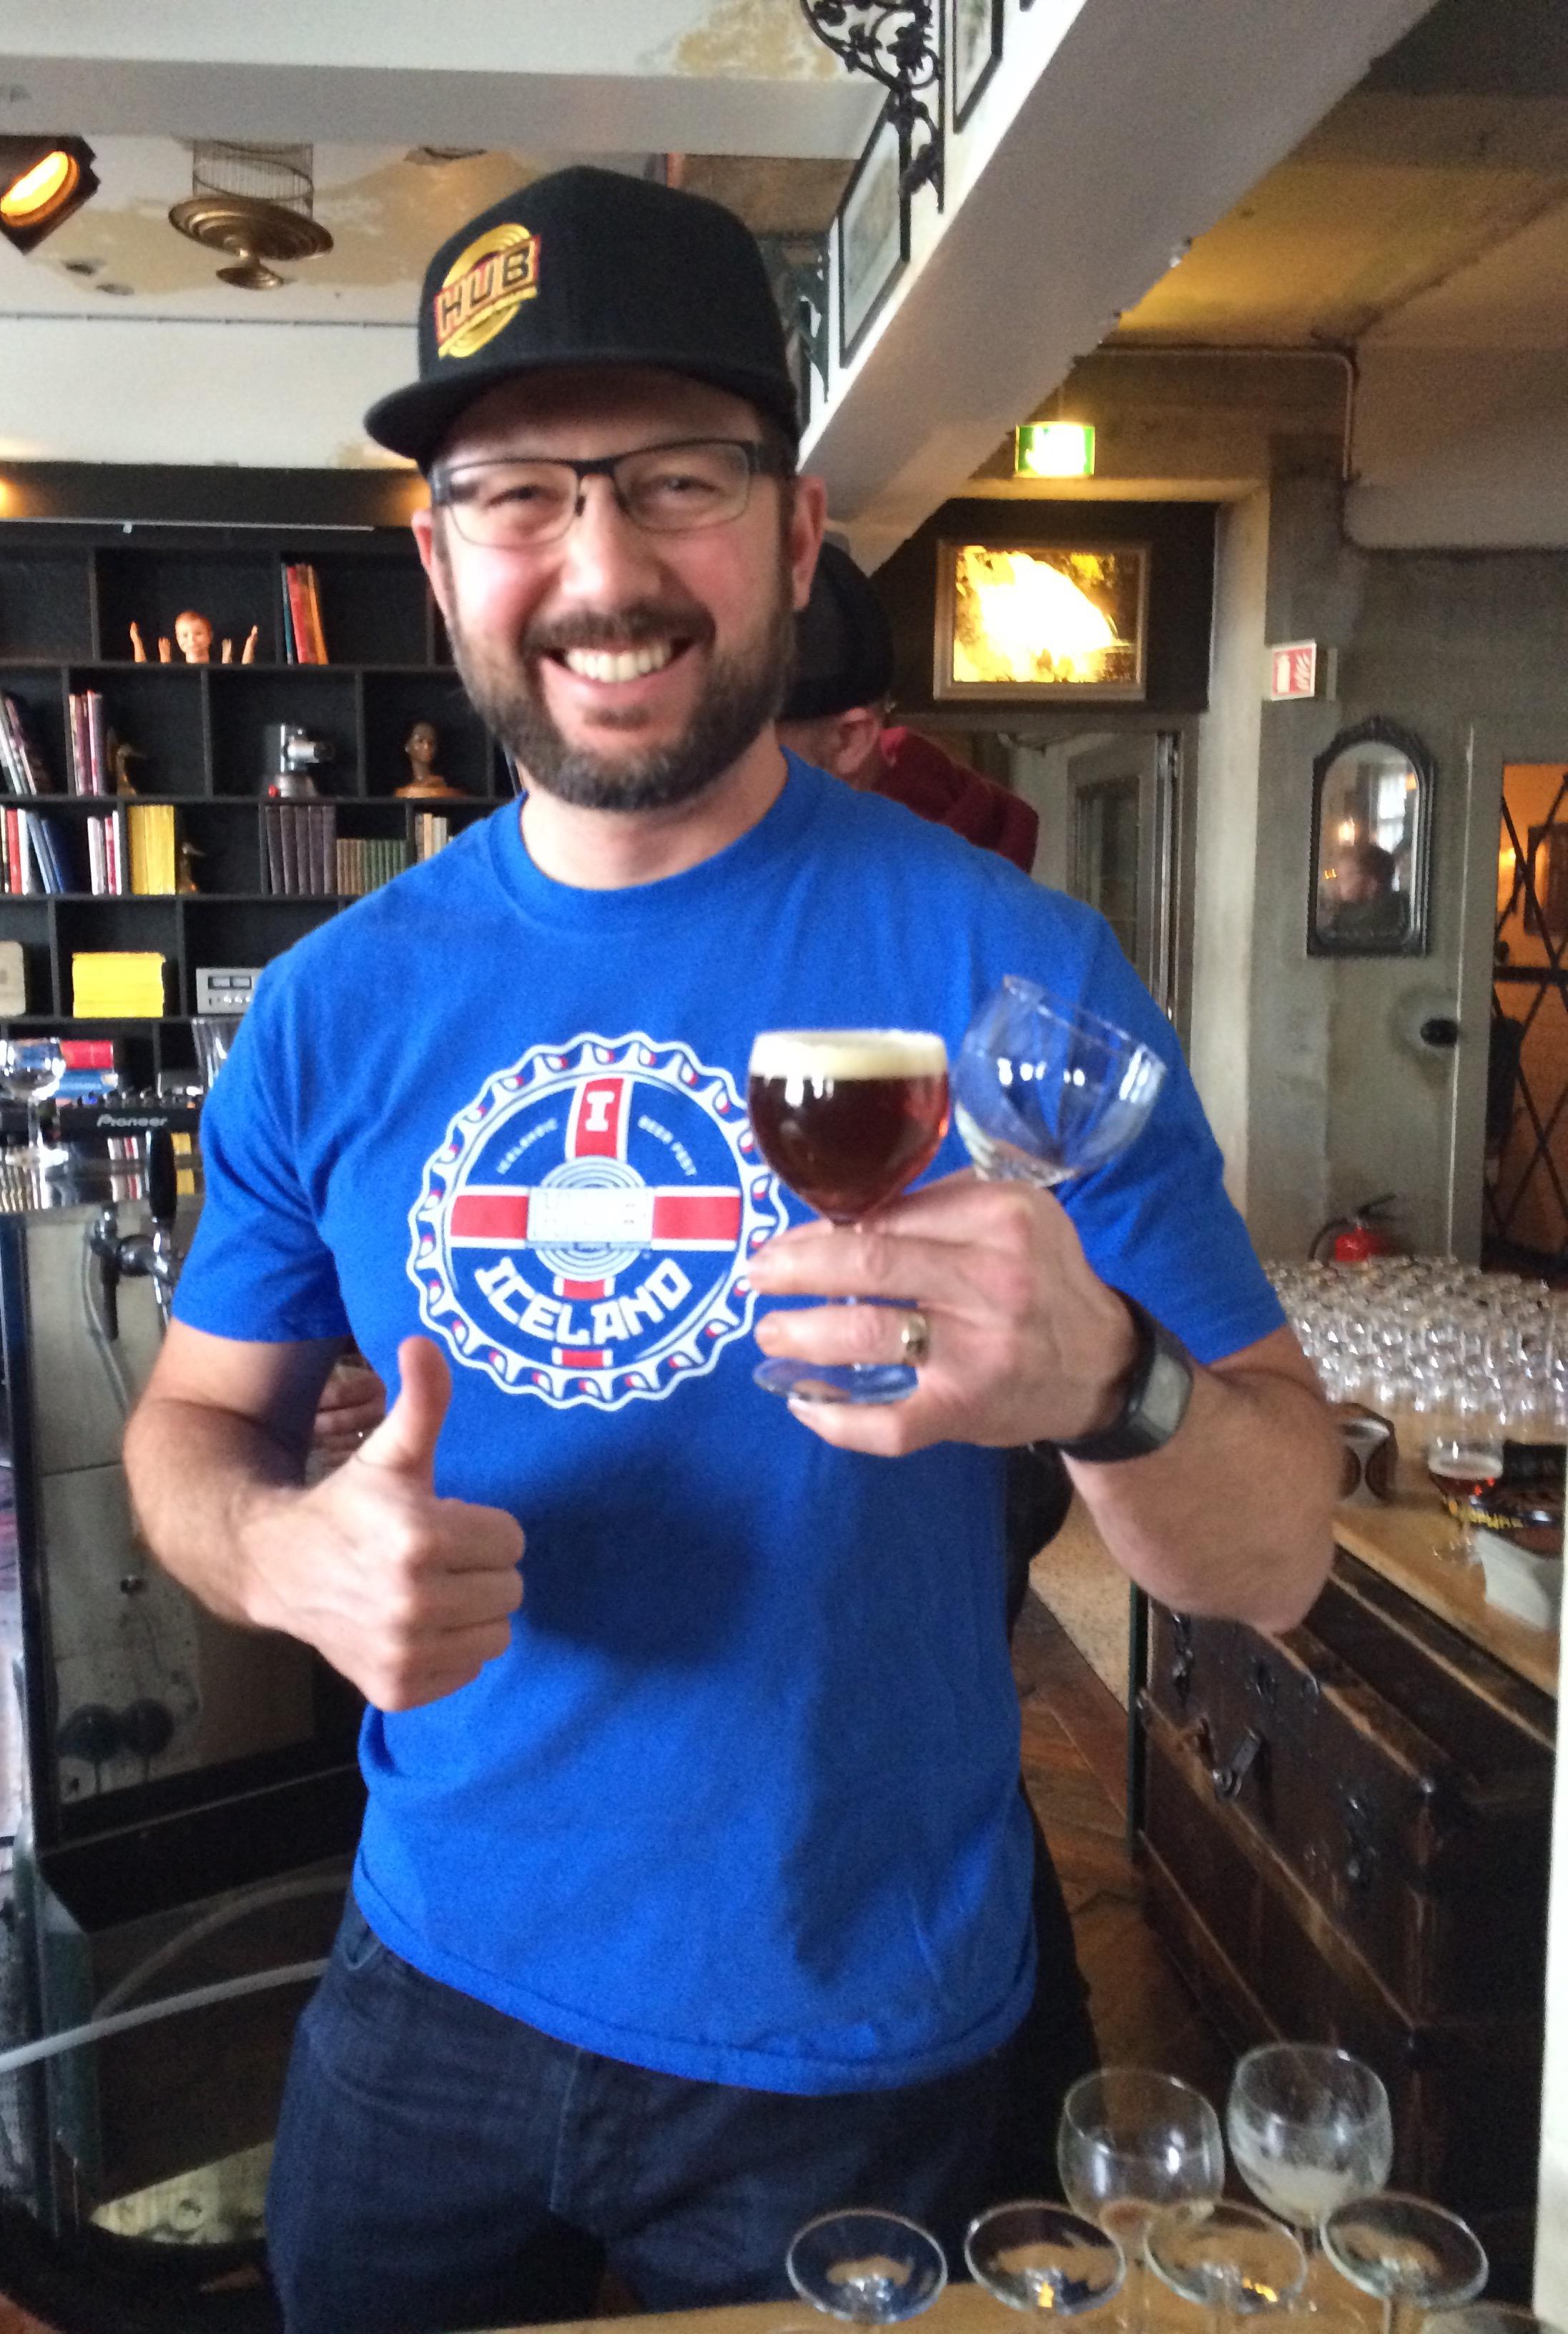 Christian Ettinger pouring Hopworks at Icelandic Beer Fest